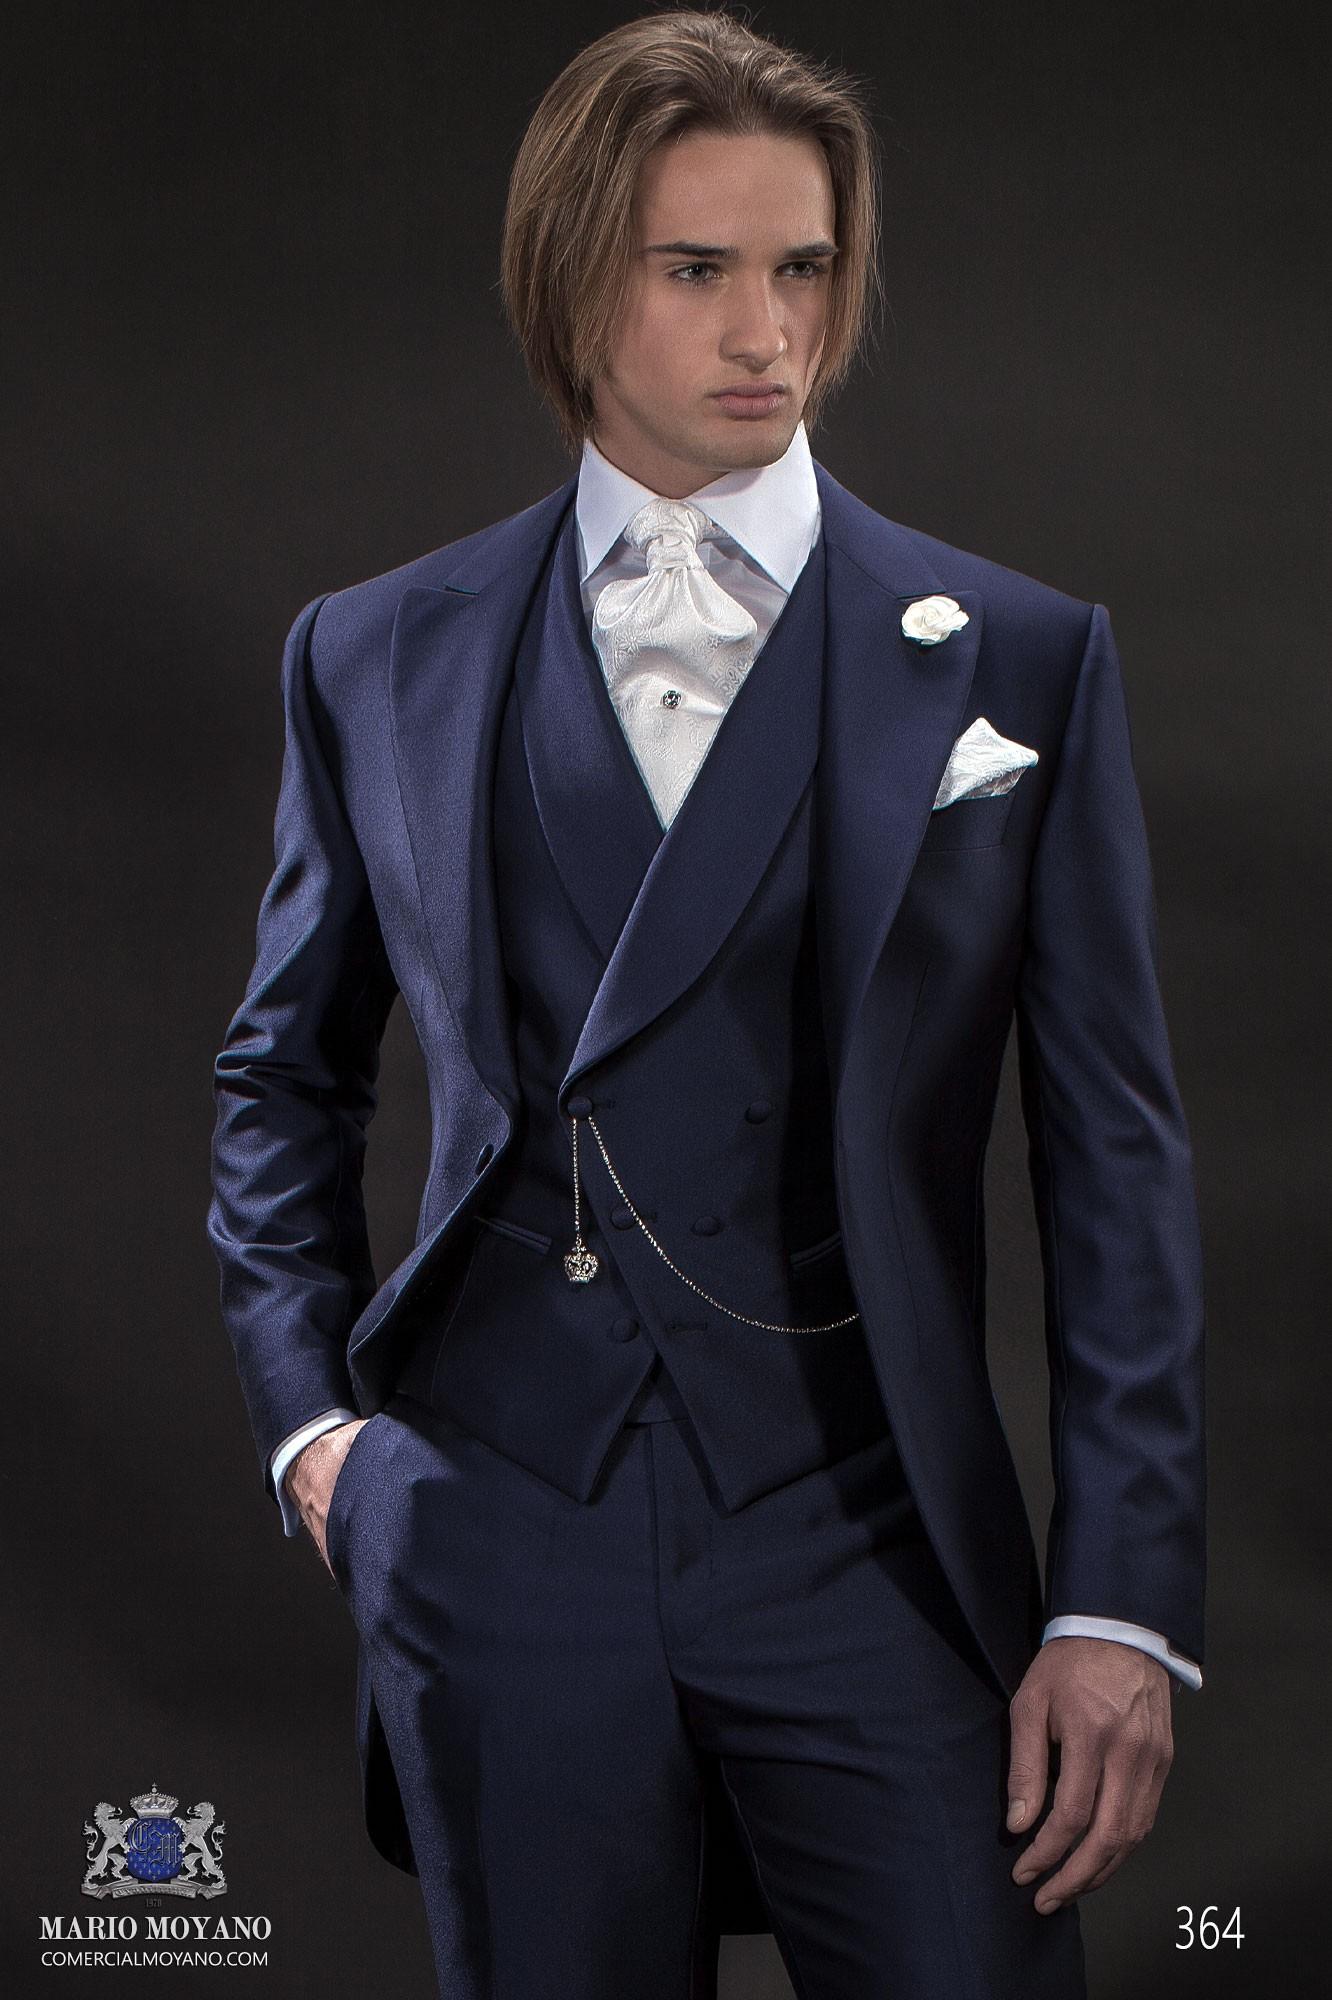 Traje de novio italiano azul modelo: 364 Ottavio Nuccio Gala colección Gentleman